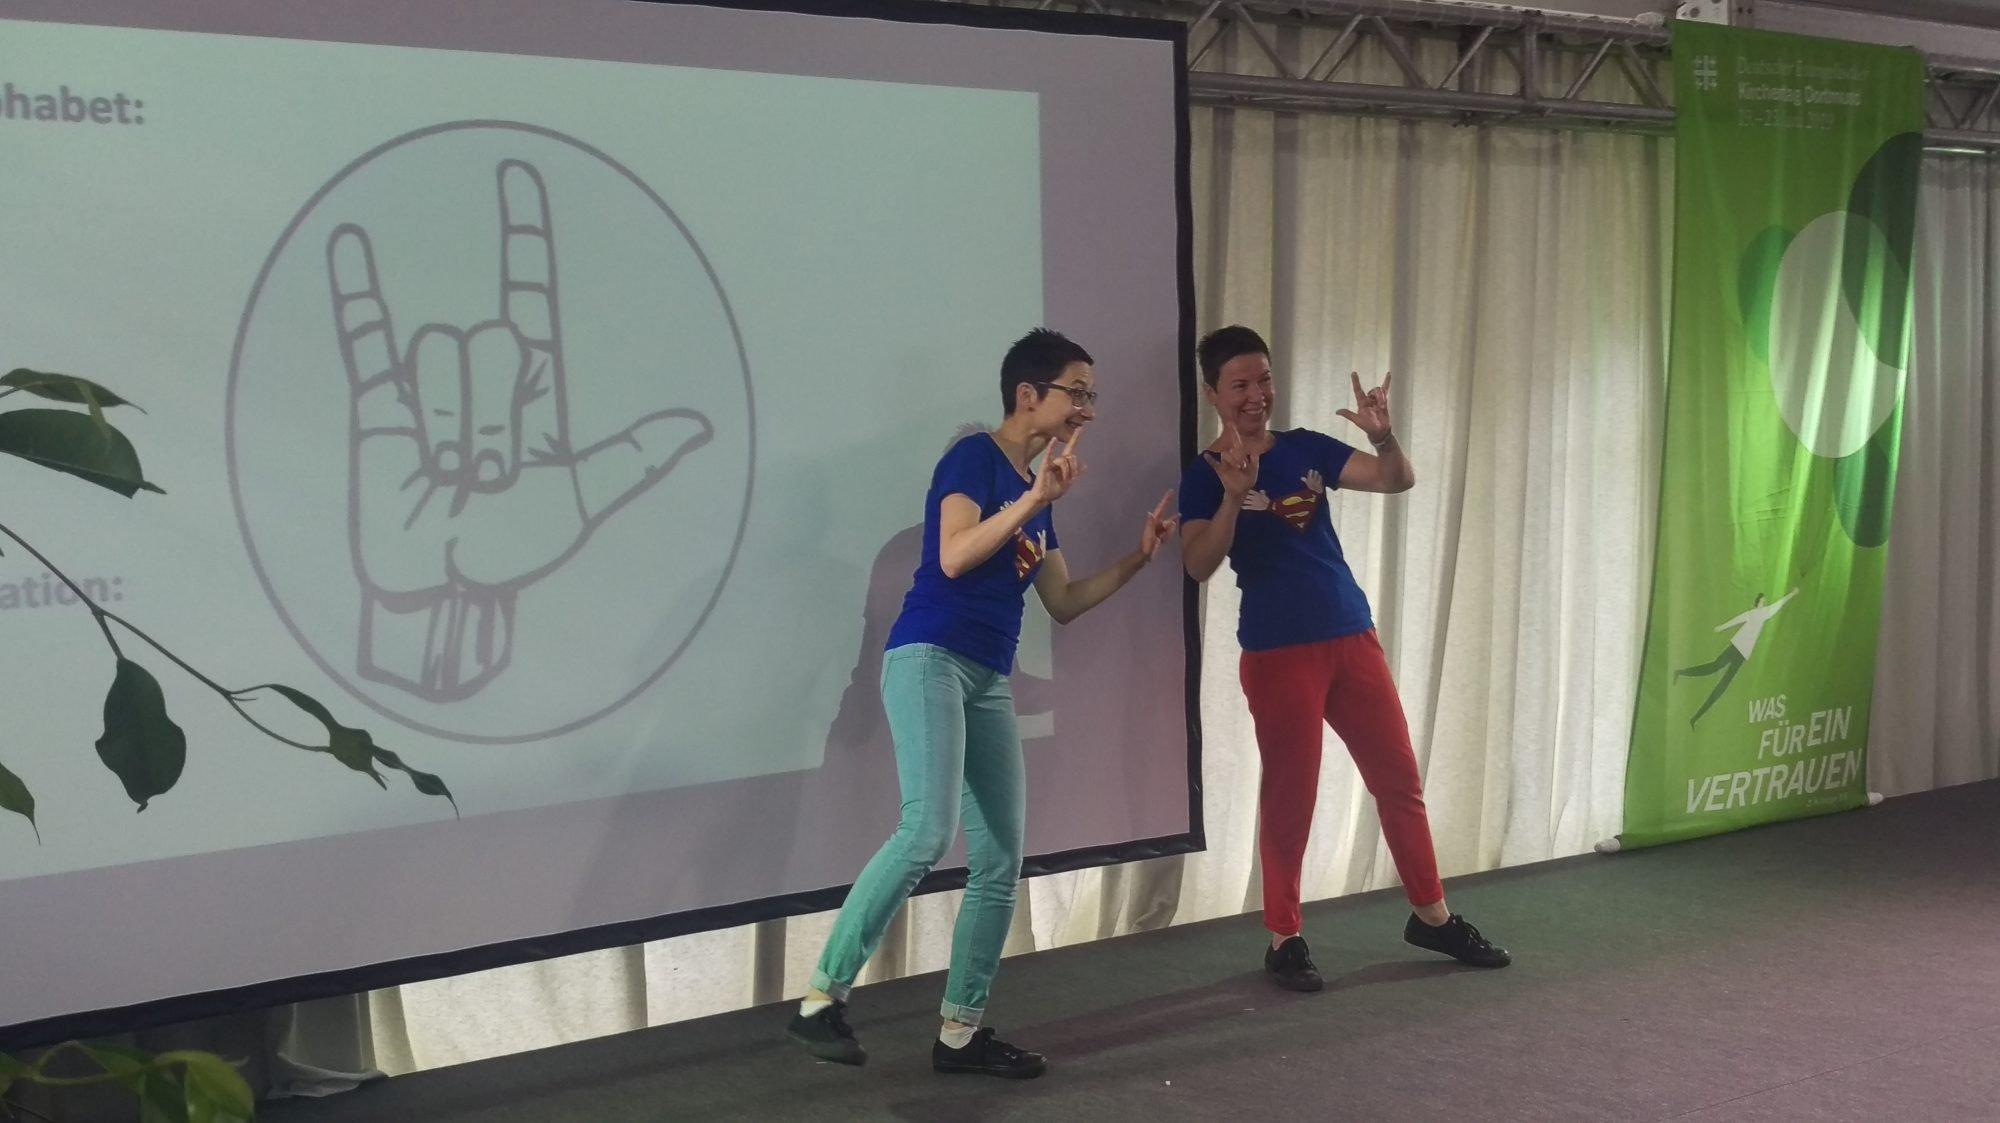 Zwei Dolmetscherinnen für die Deutsche Gebärdensprache auf der Bühne zeigen das Gebärden-Alphabet.